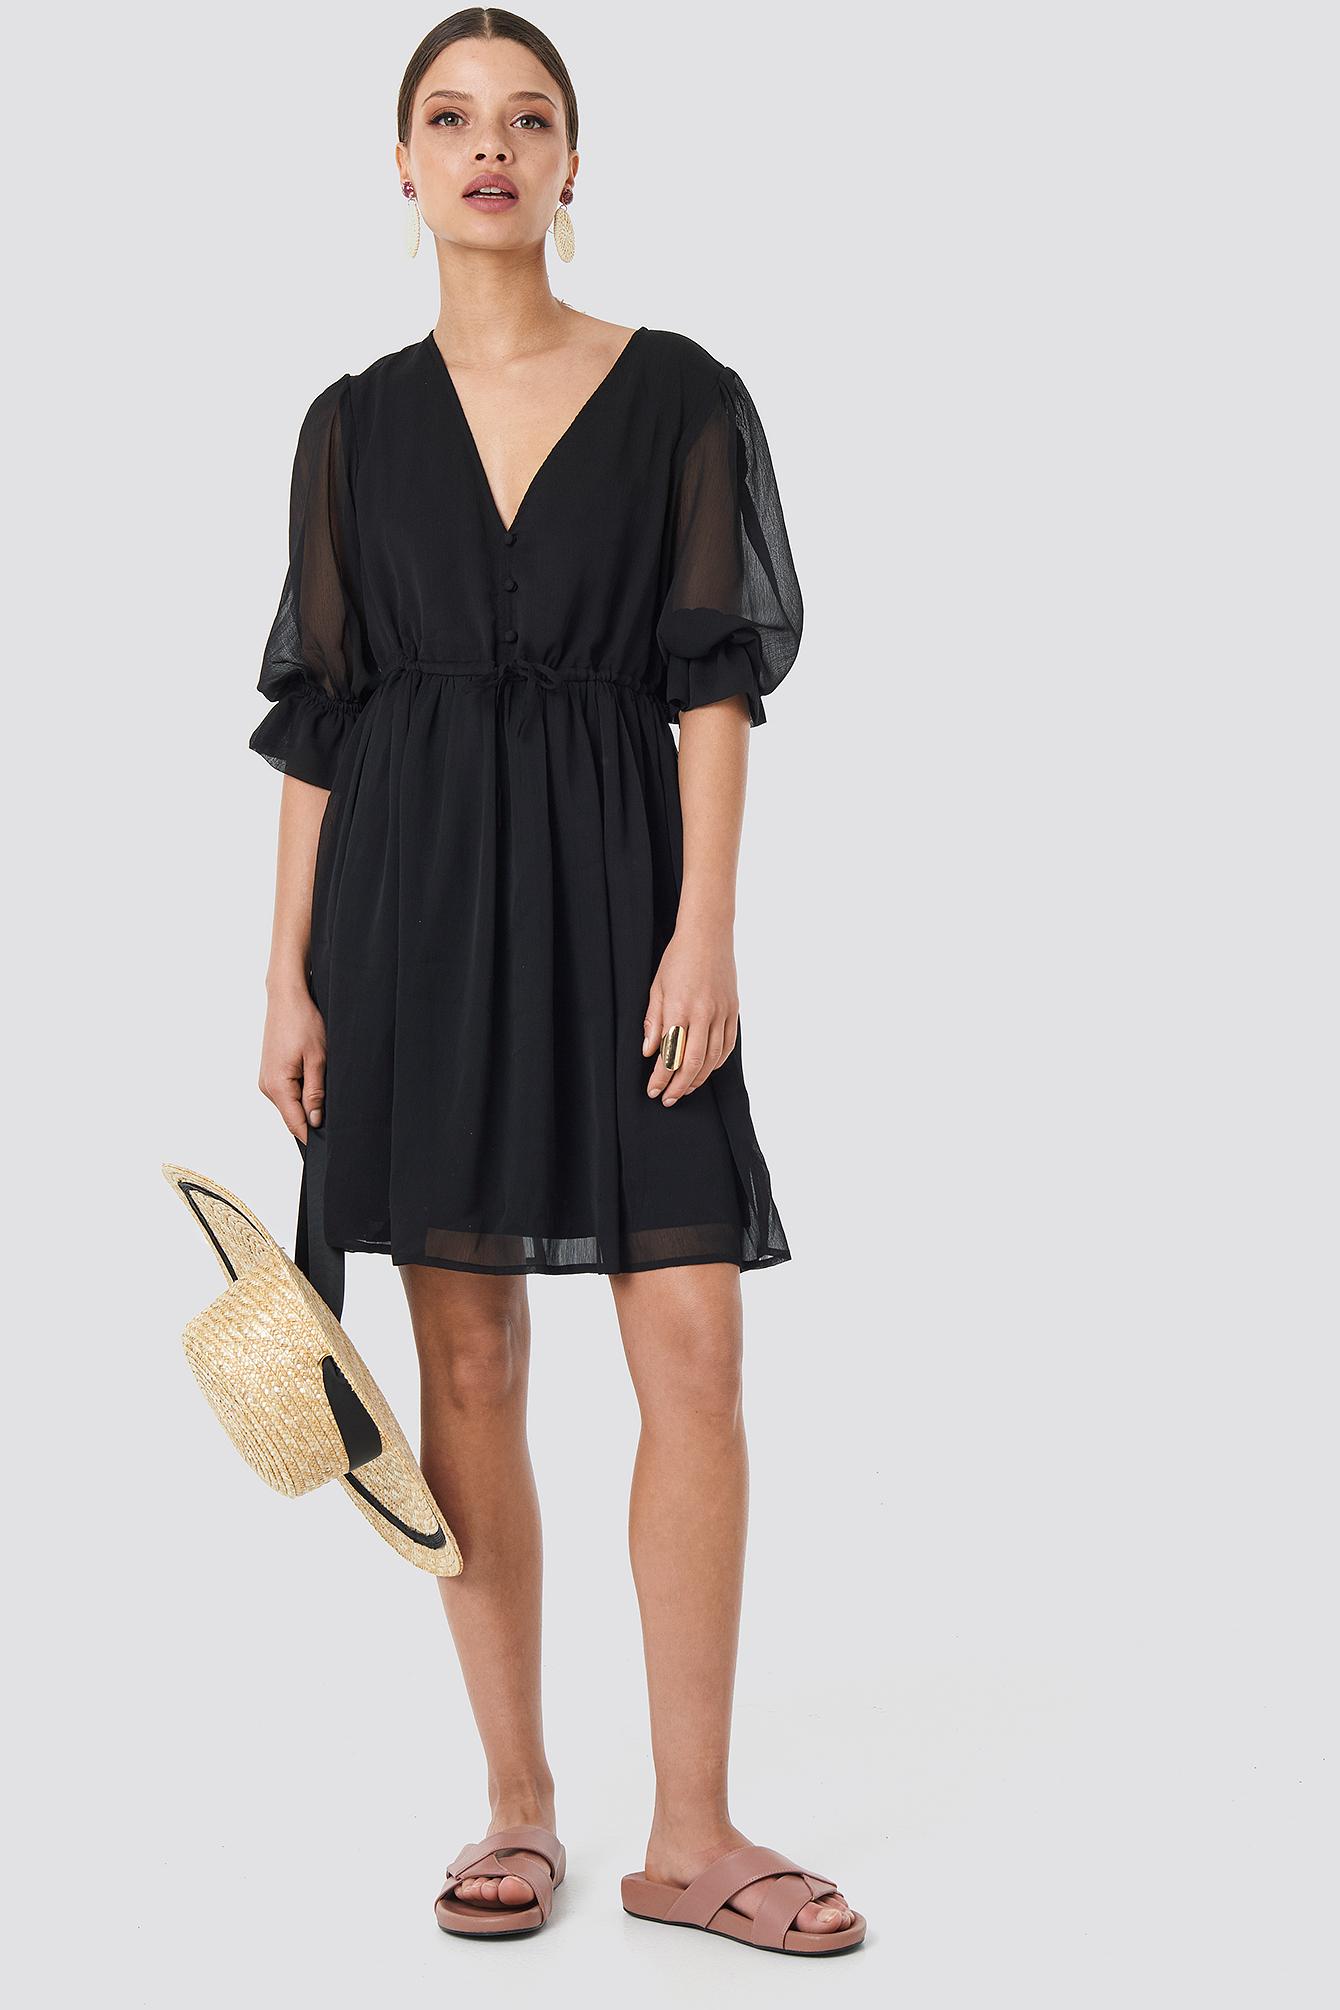 Plunge V-Neck Chiffon Dress NA-KD.COM